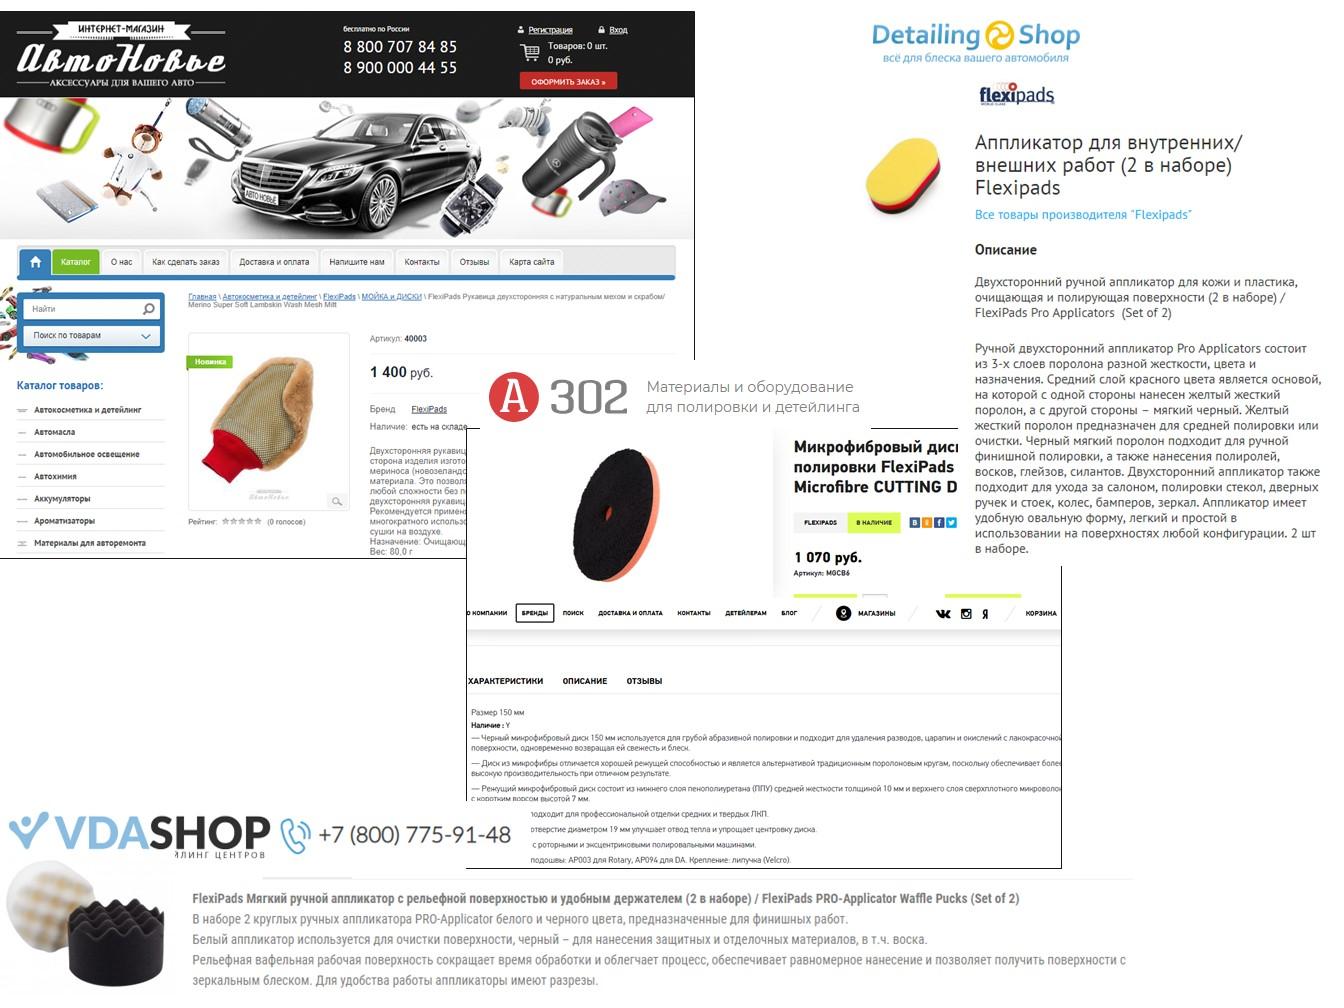 Описания товаров для детейлинга бренда FLEXIPADS